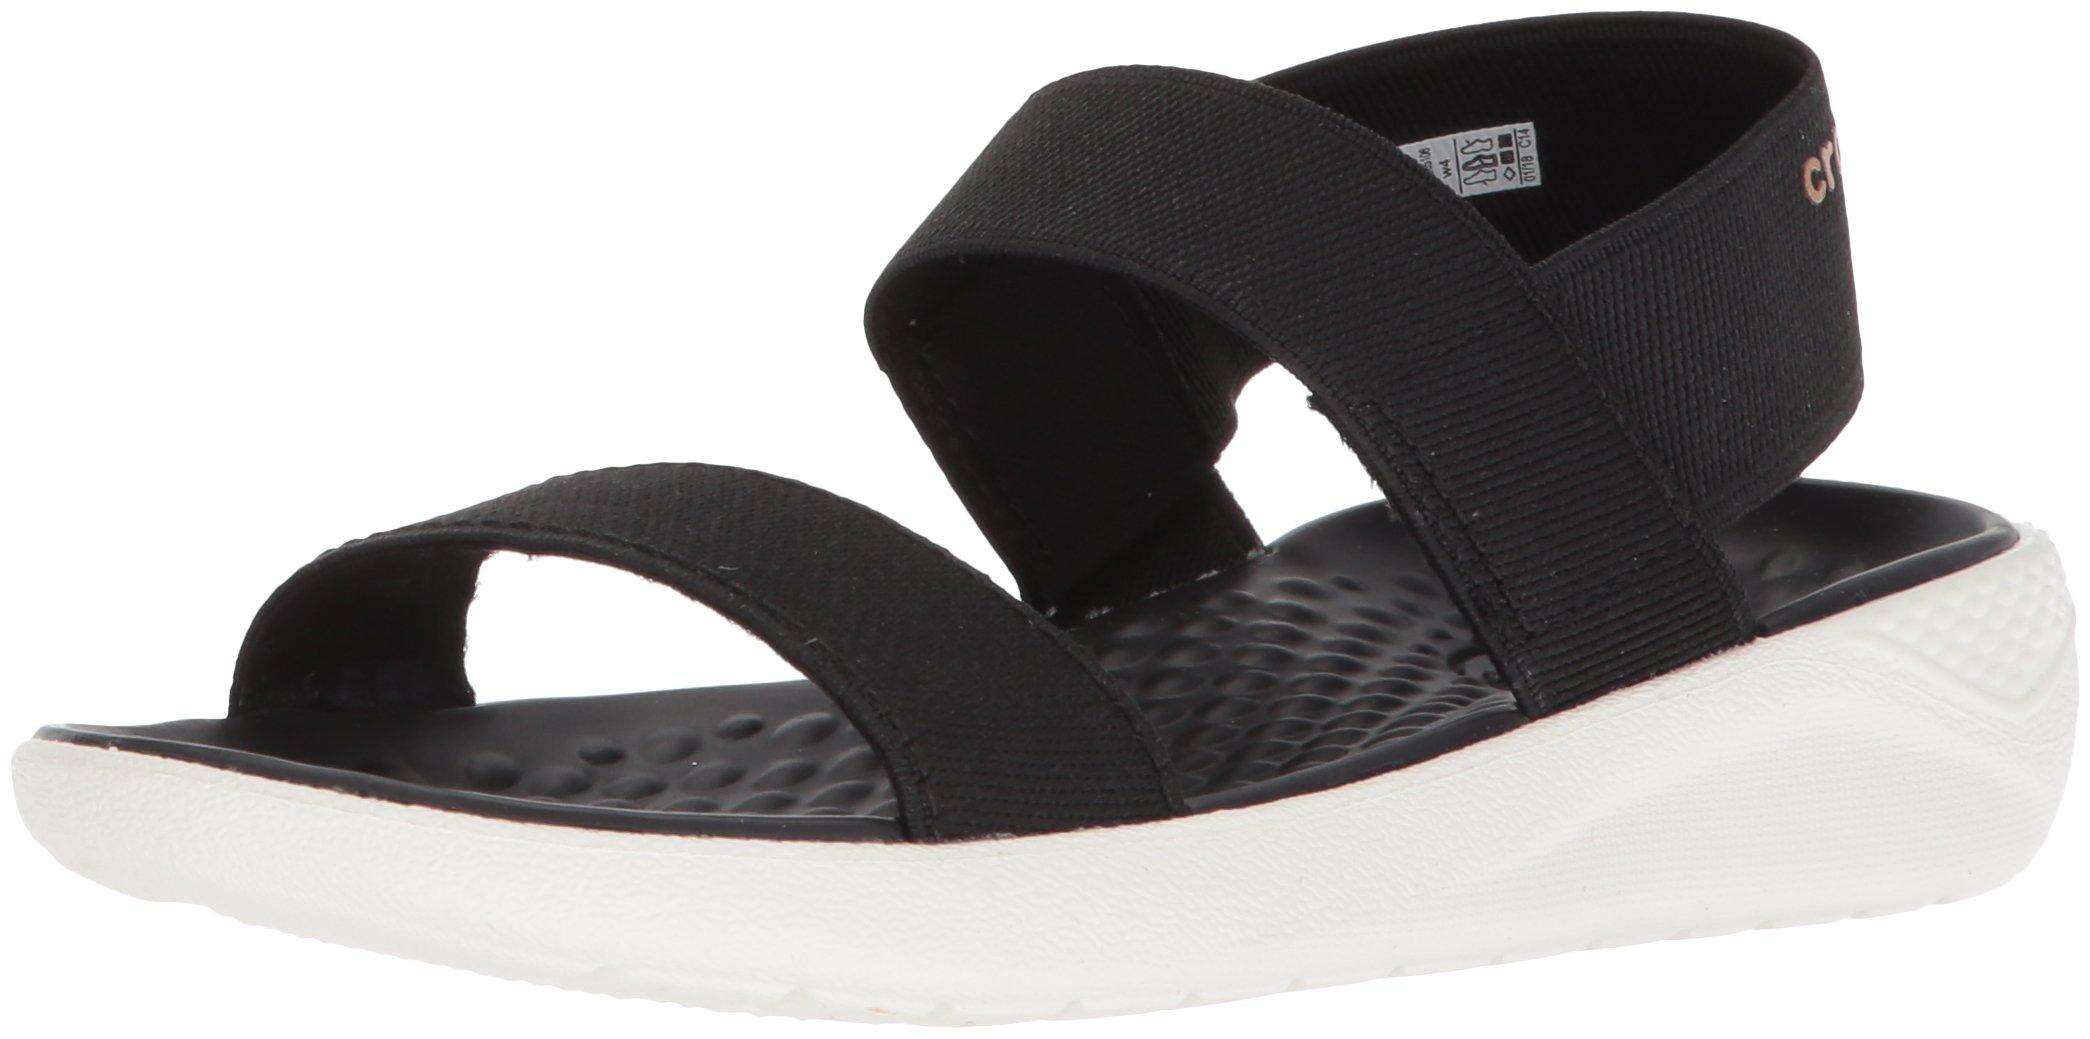 Crocs Women's LiteRide Sandal Flat, black/white, 9 M US by Crocs